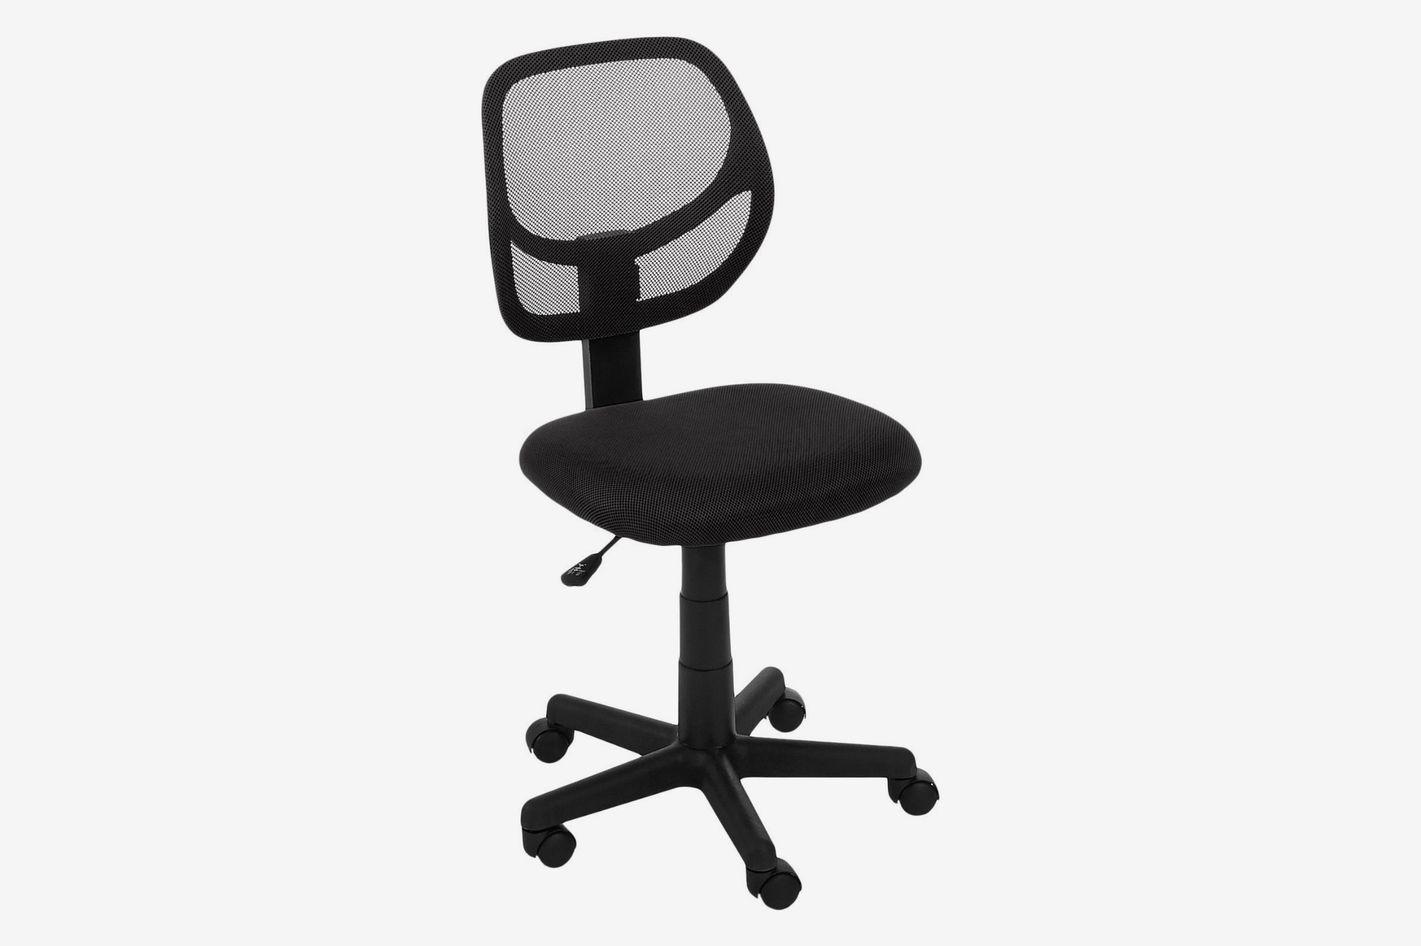 Basics Black Mesh Armless Office Chair